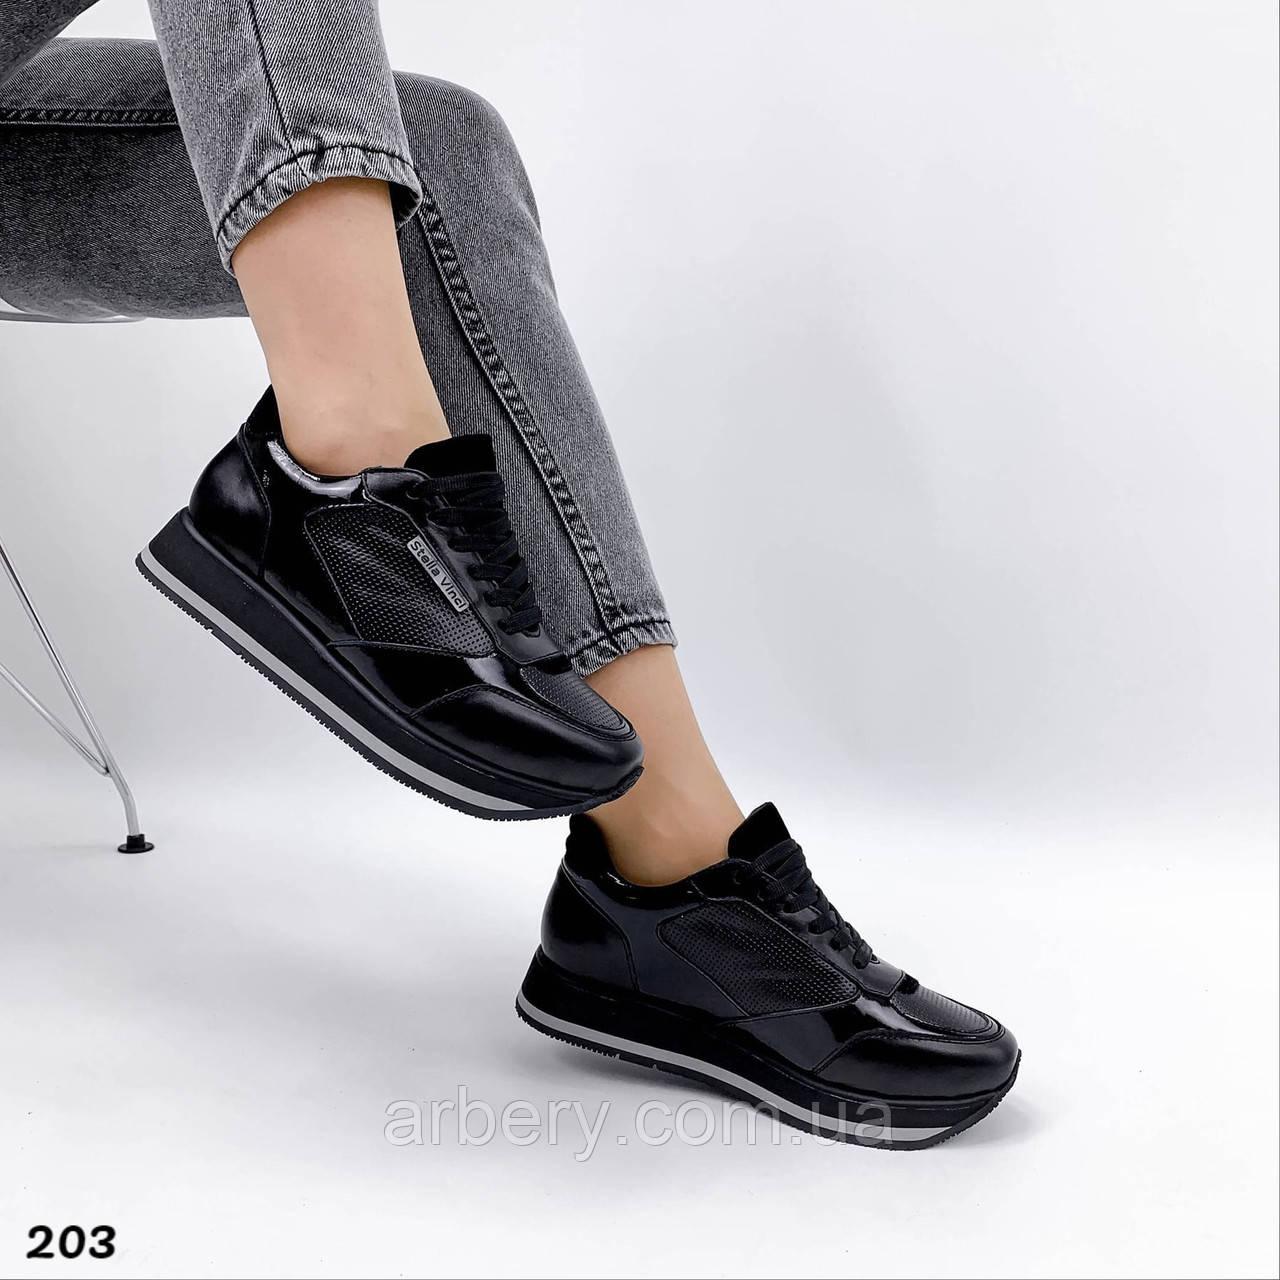 Шикарные натуральные комбинированные кроссовки